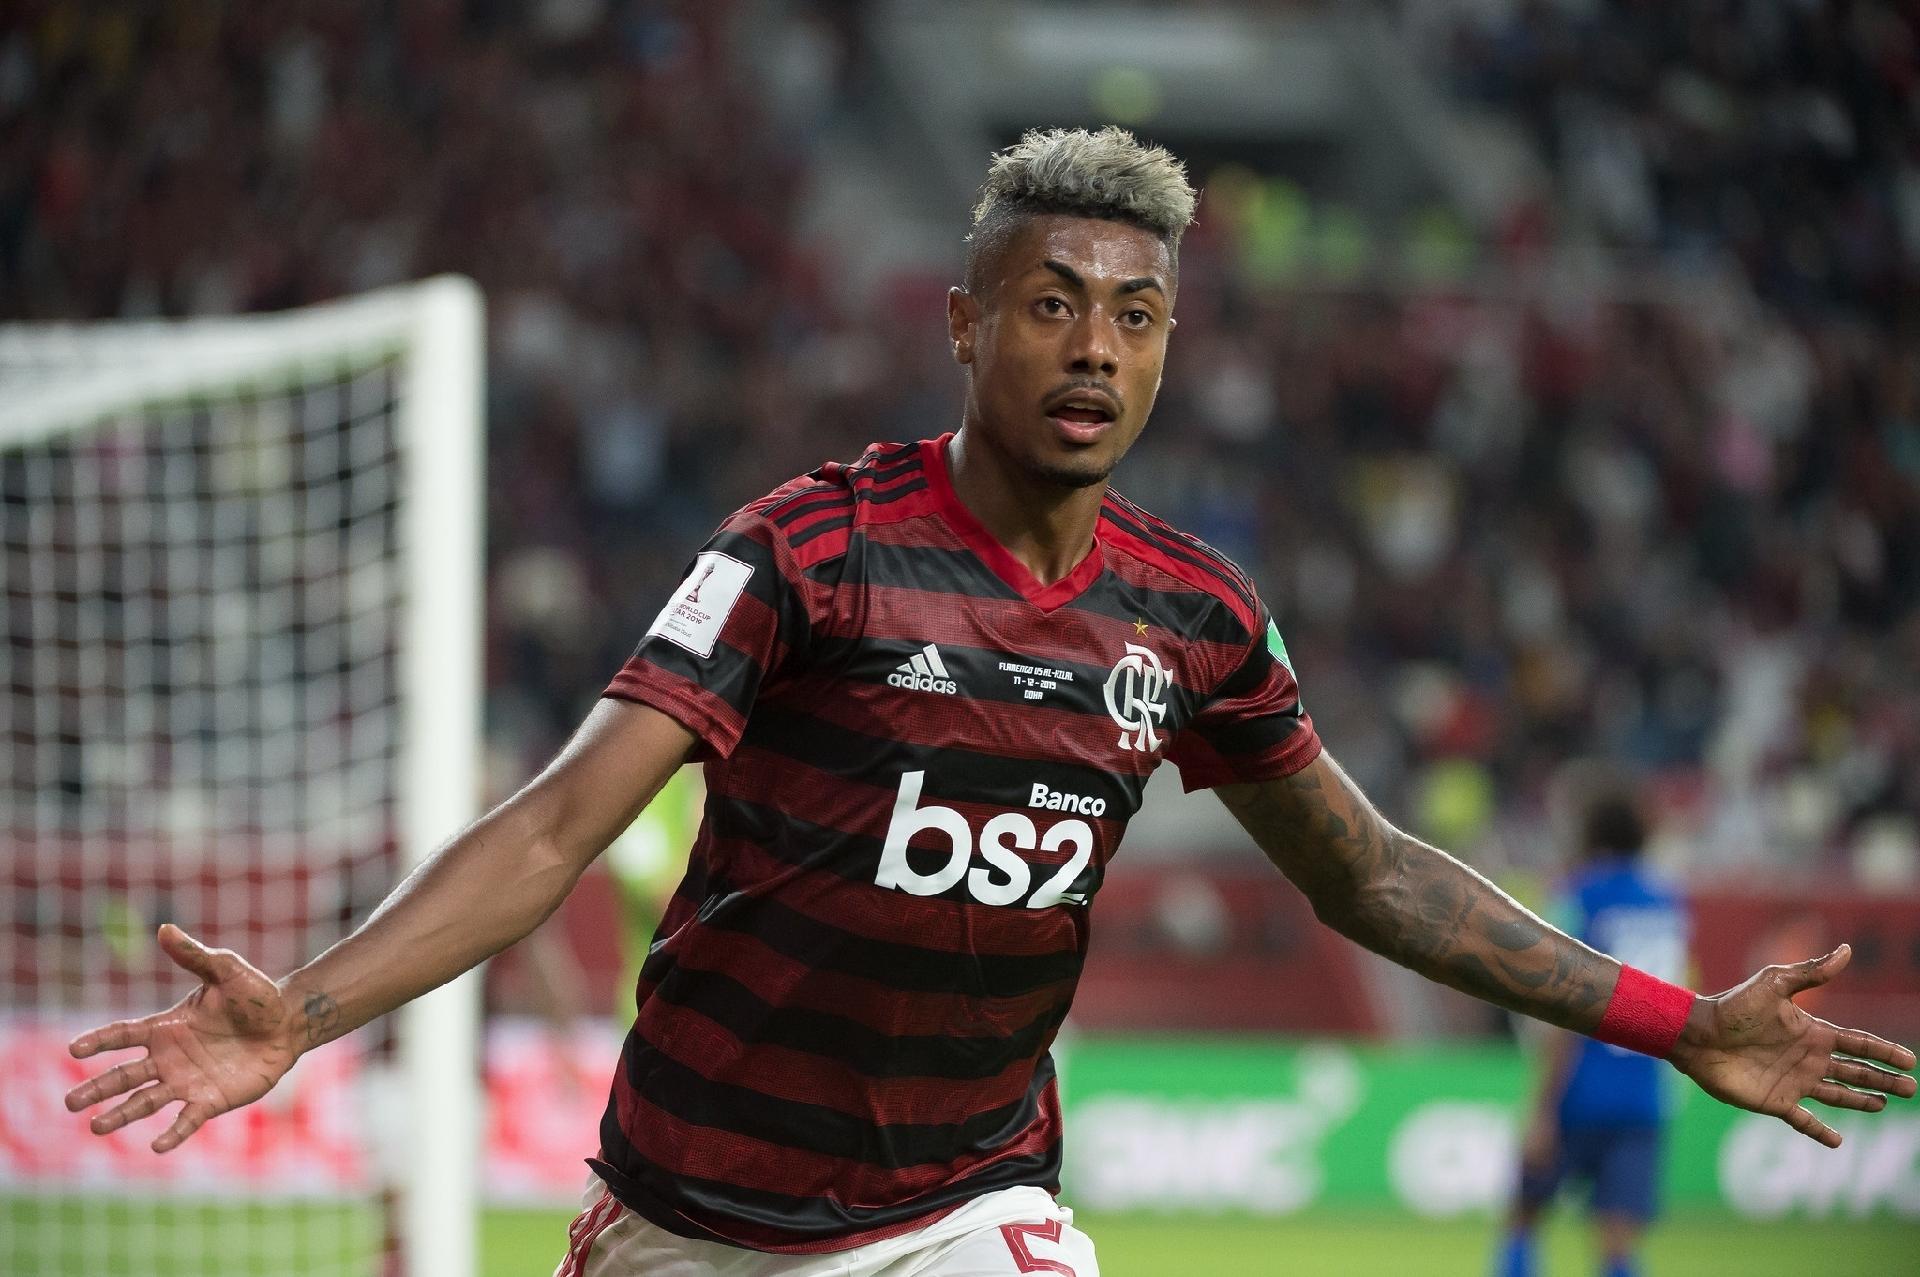 Resultado de imagem para FLAMENGO vence o AL HILAL e vai para a final do Mundial - Pós-jogo Flamengo 3 x 1 Al Hilal